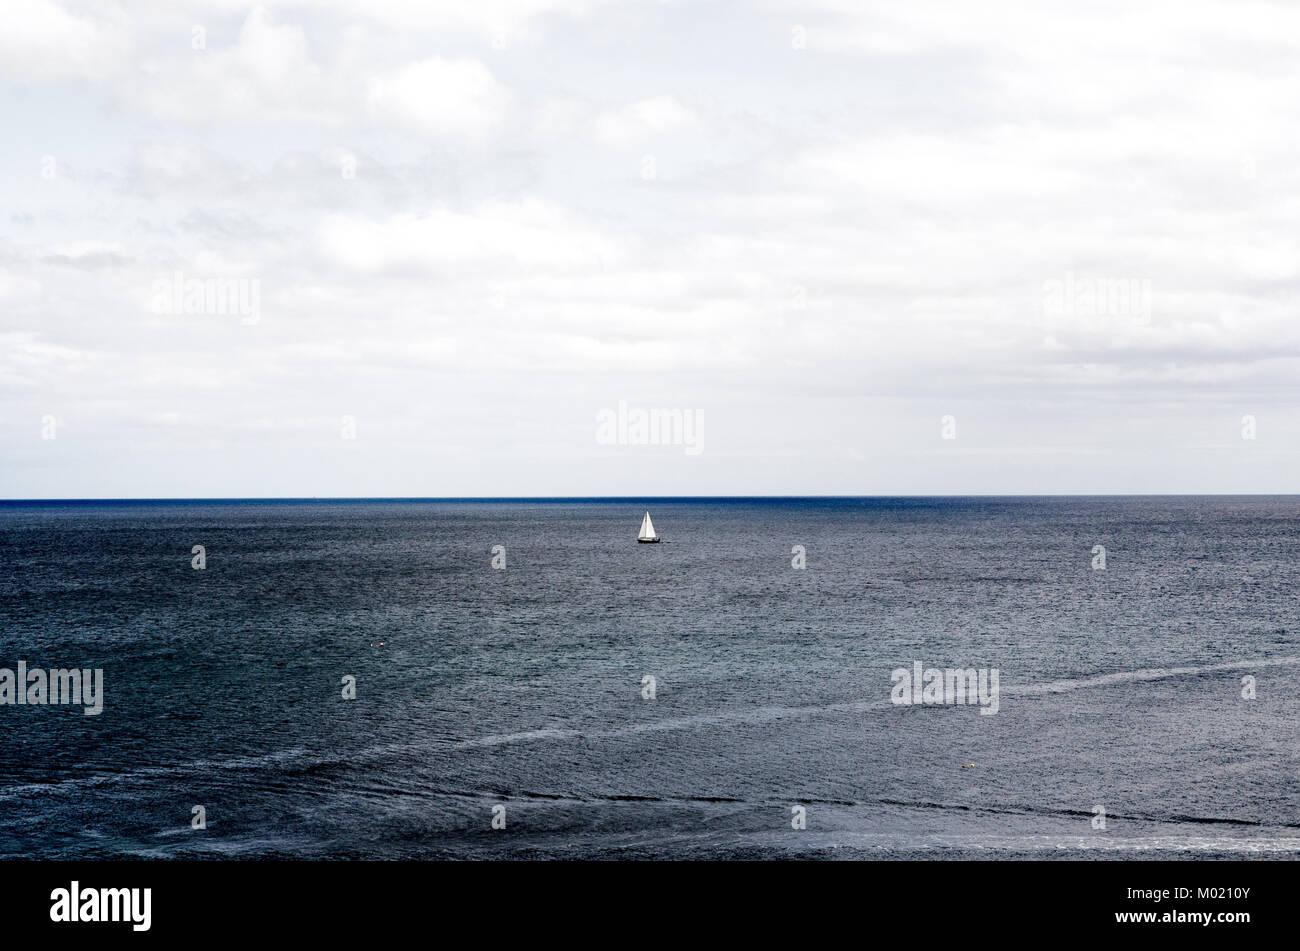 La voile sur mer sous ciel nuageux au large de la côte de Mevagissey, Cornwall Banque D'Images